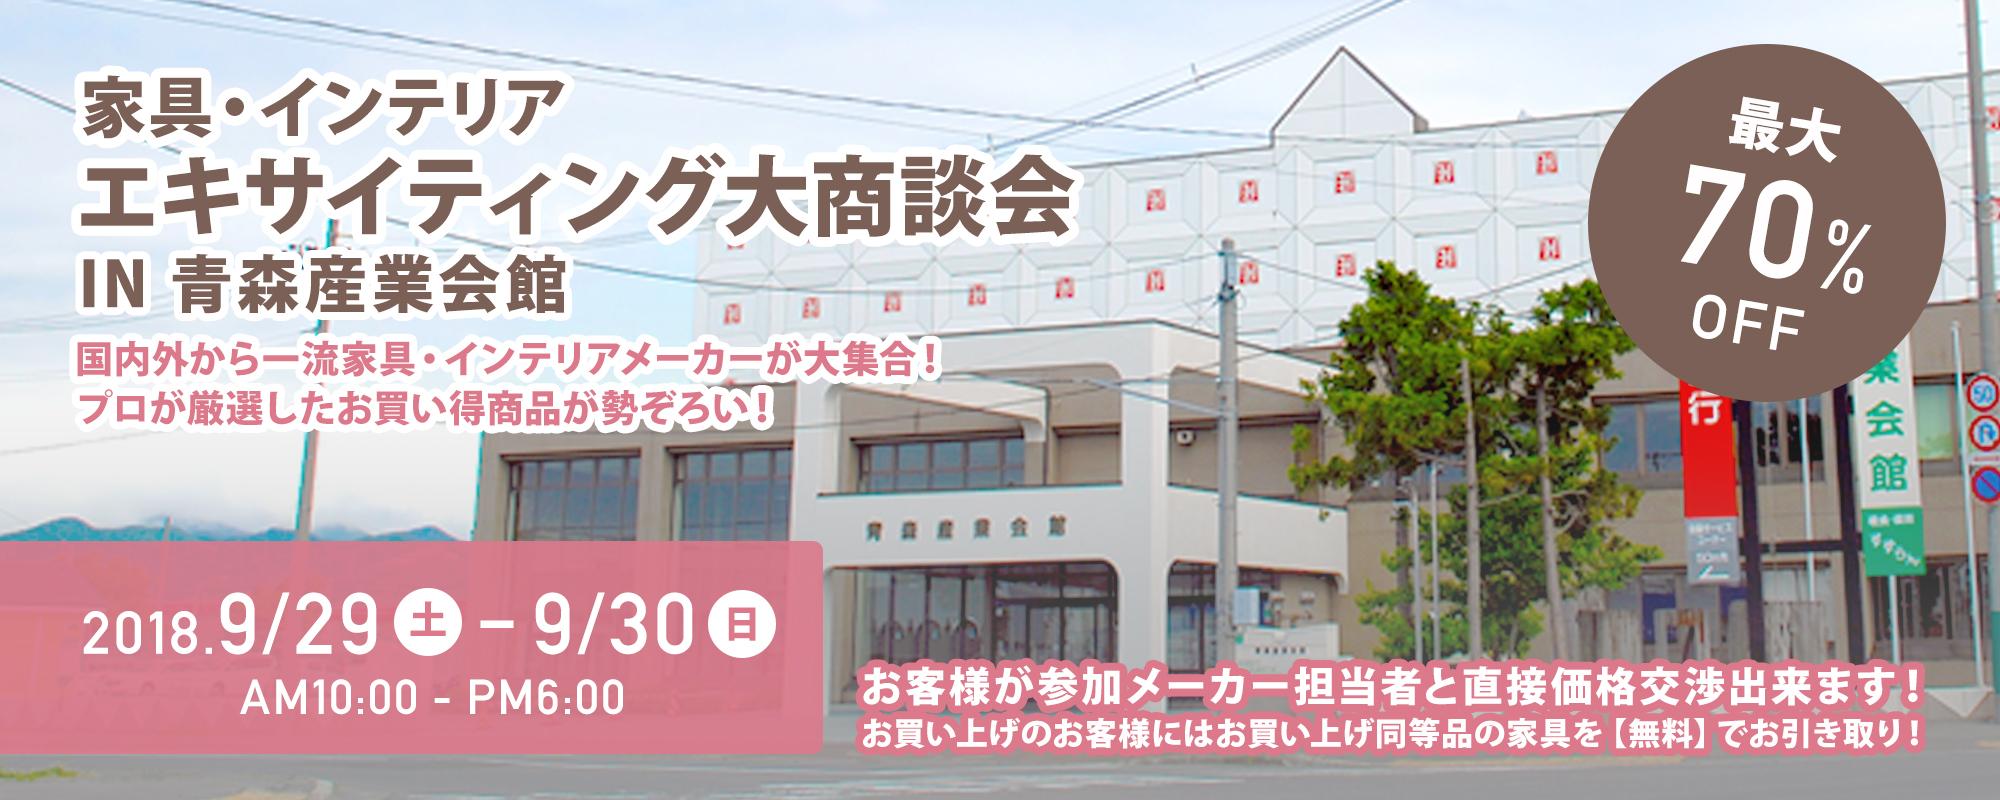 家具・インテリア エキサイティング大商談会 IN 青森産業会館